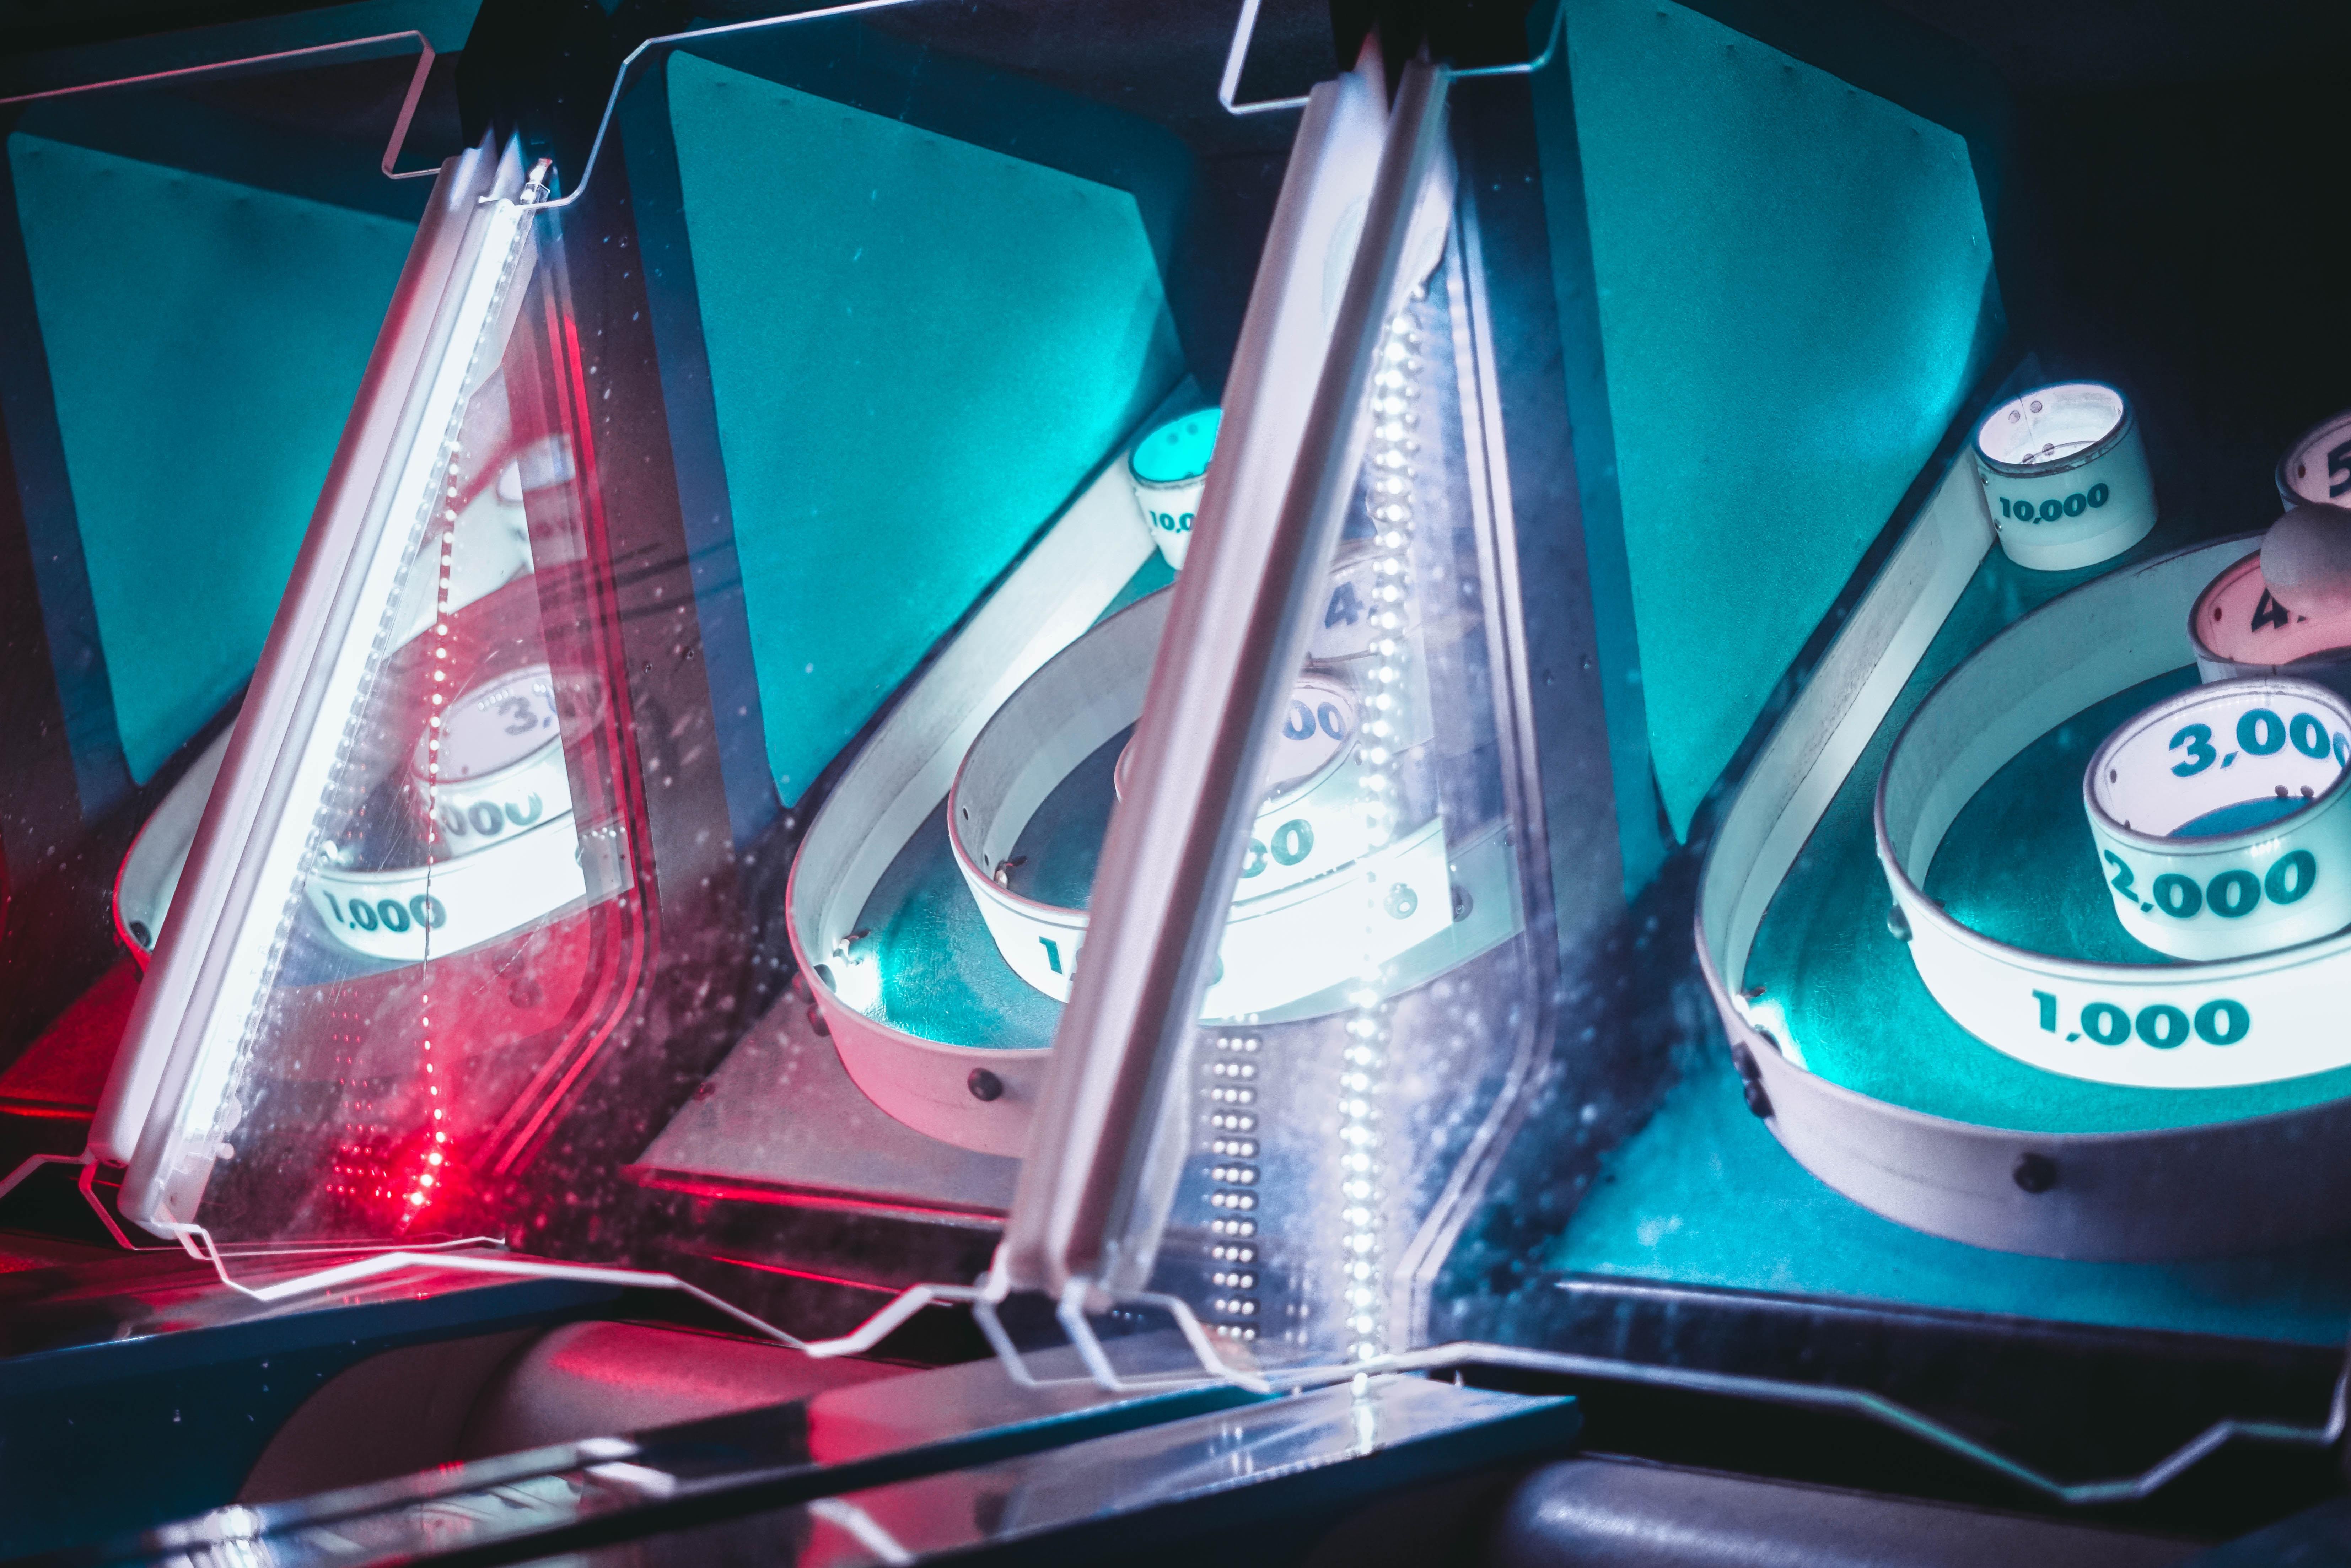 photo of arcade machine